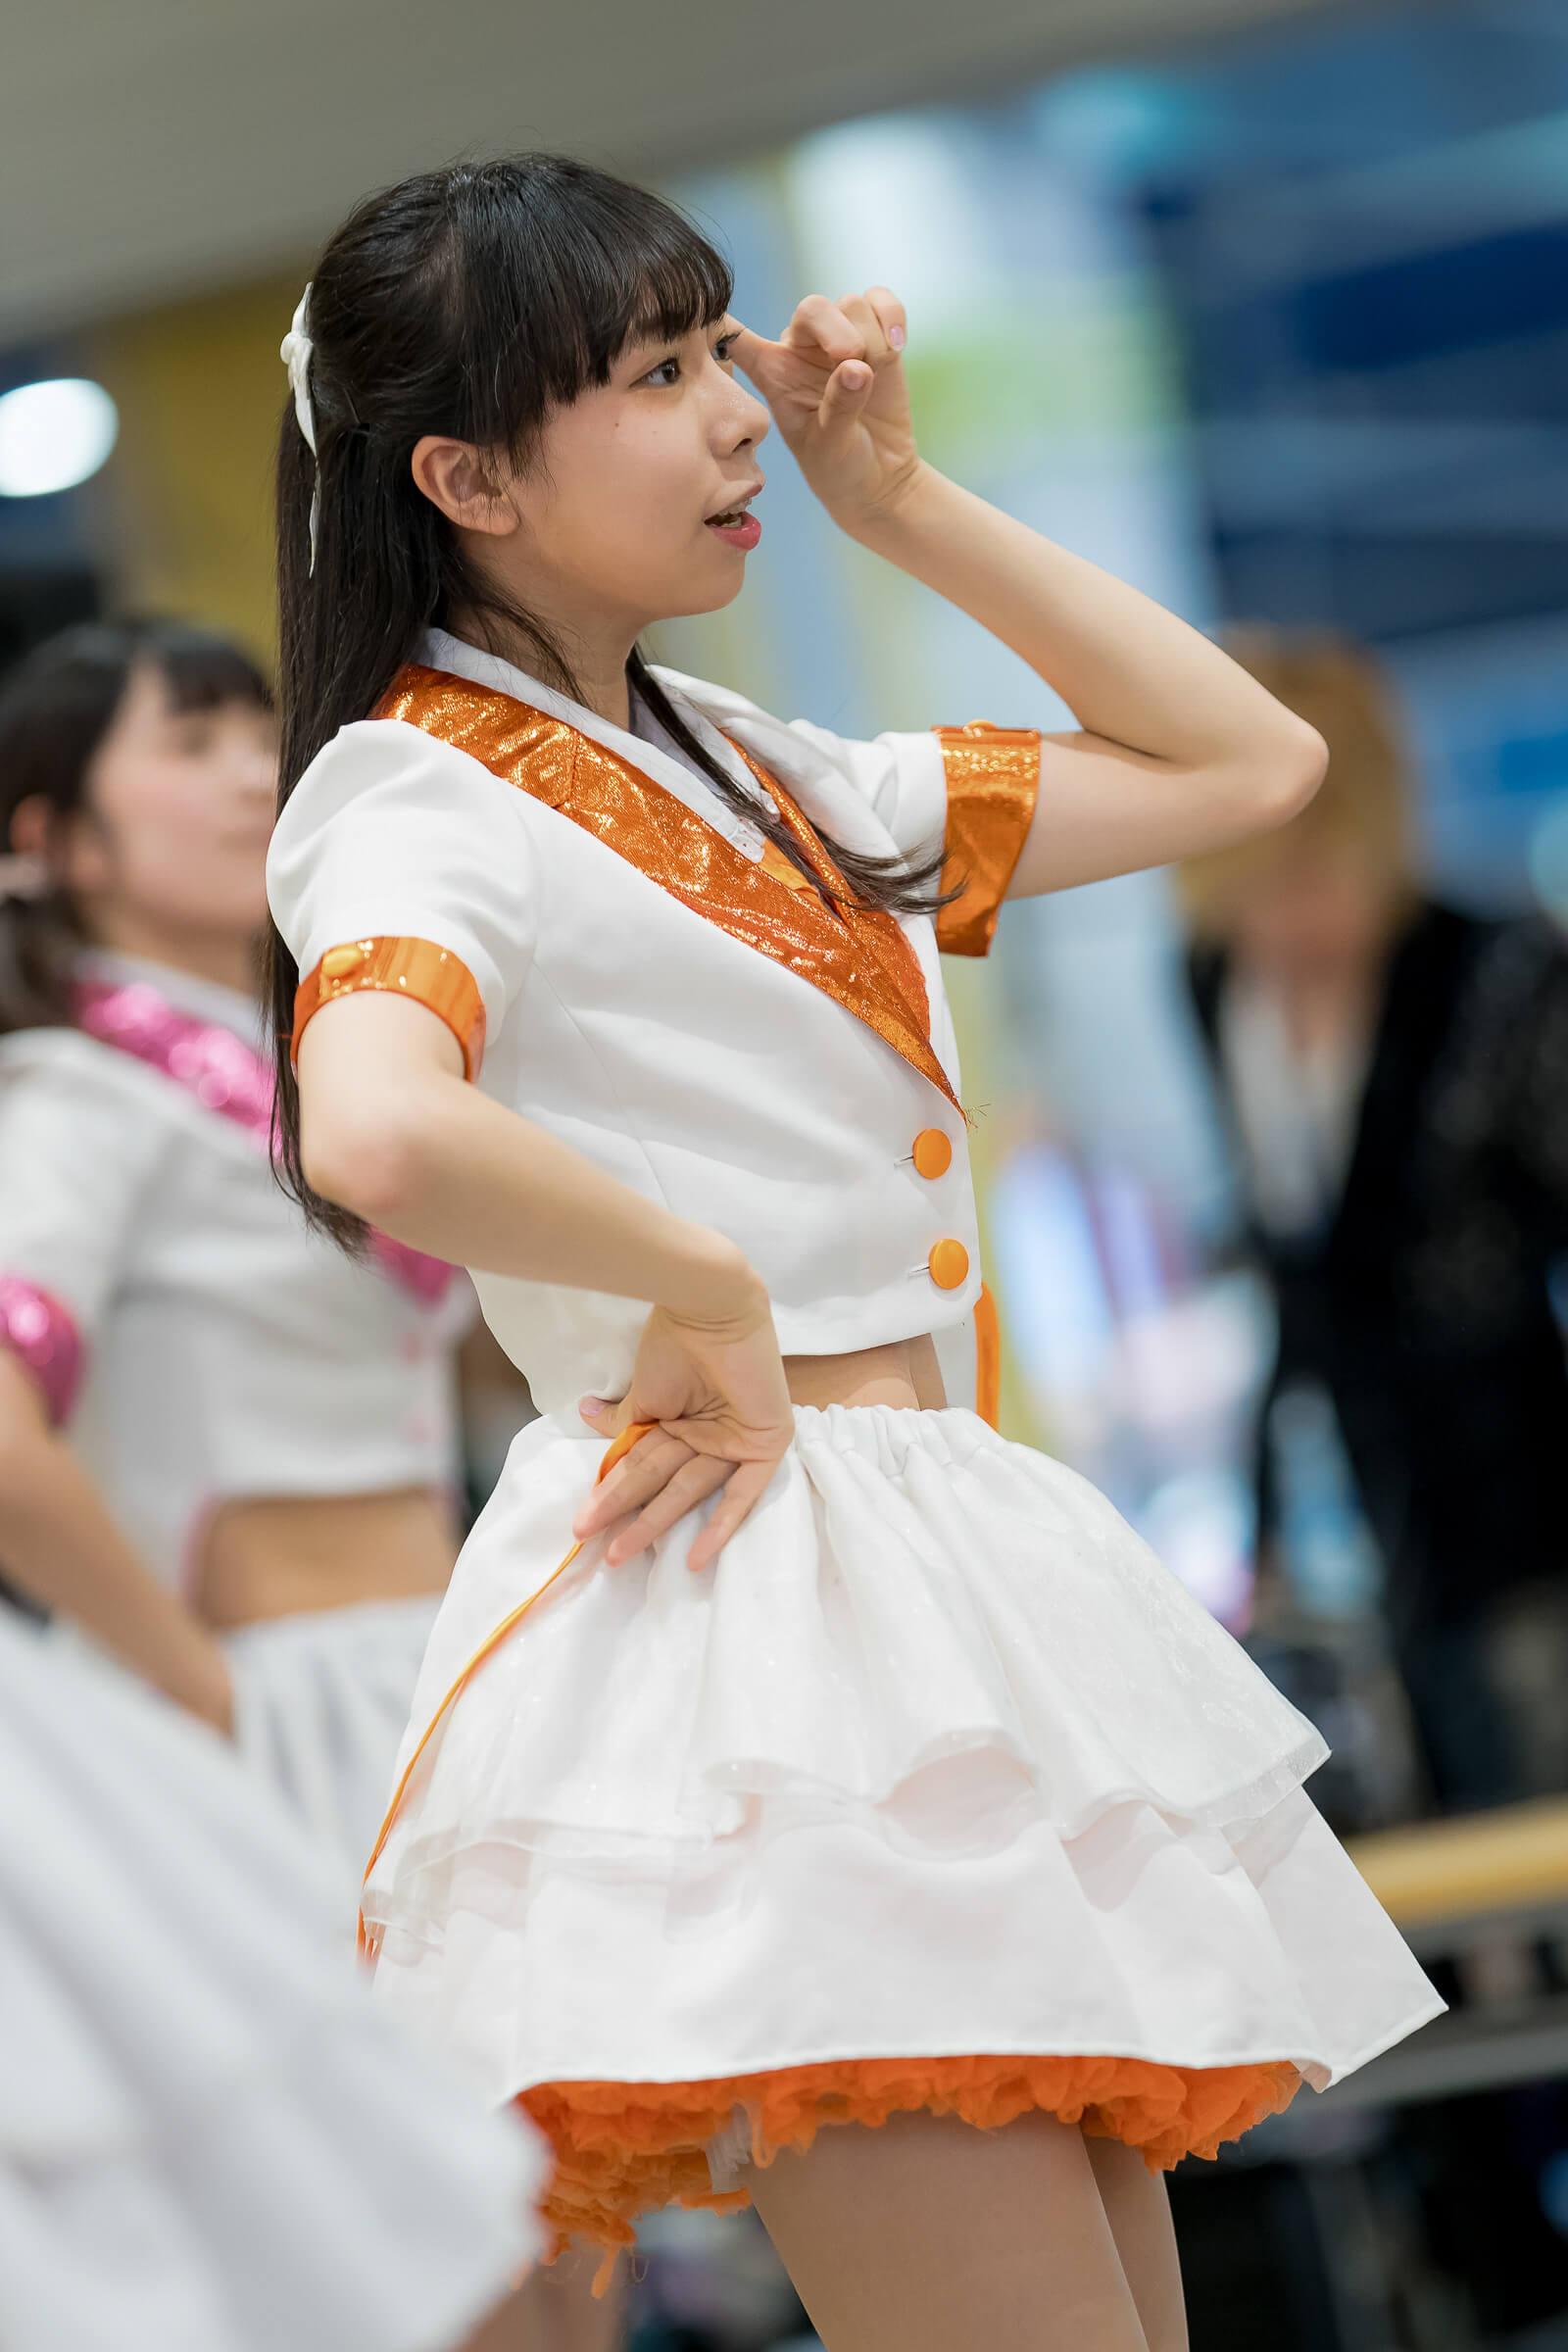 フルーティー♡ さえ ( 大井彩愛 ) | フルーティー♡メジャーシングル第2弾「FRONT LINER」リリースイベント